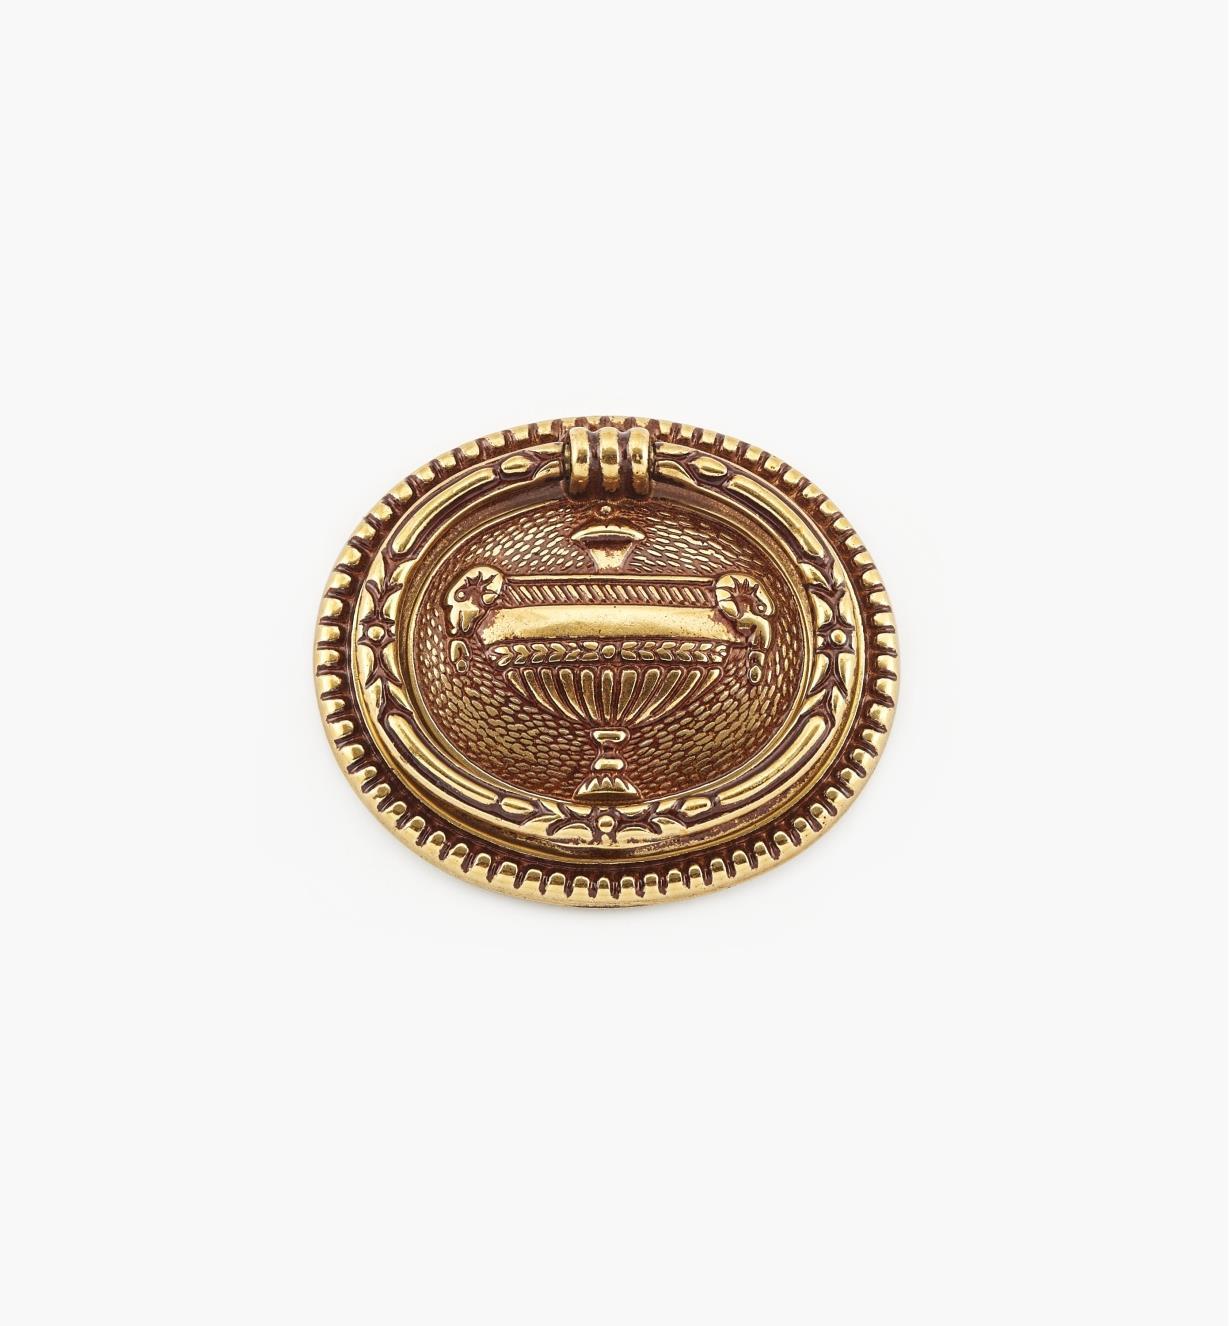 01A7351 - Poignée à anneau ovale de 66mm x 58mm, quincaillerie Louis XVI, série V